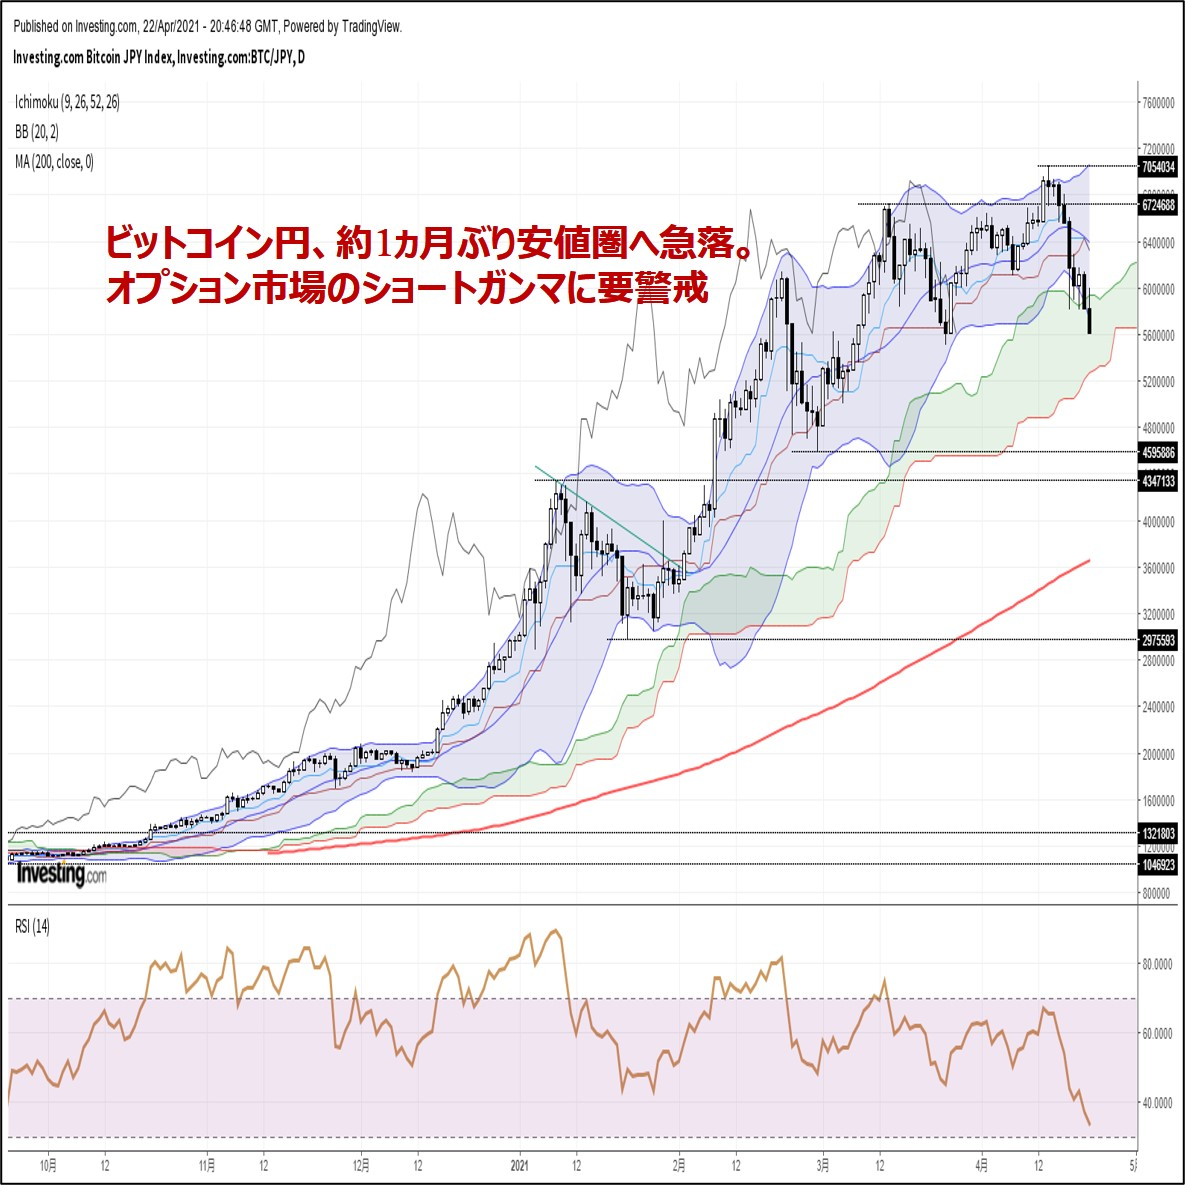 ビットコイン円、約1ヵ月ぶり安値圏へ急落。オプション市場のショートガンマに要警戒